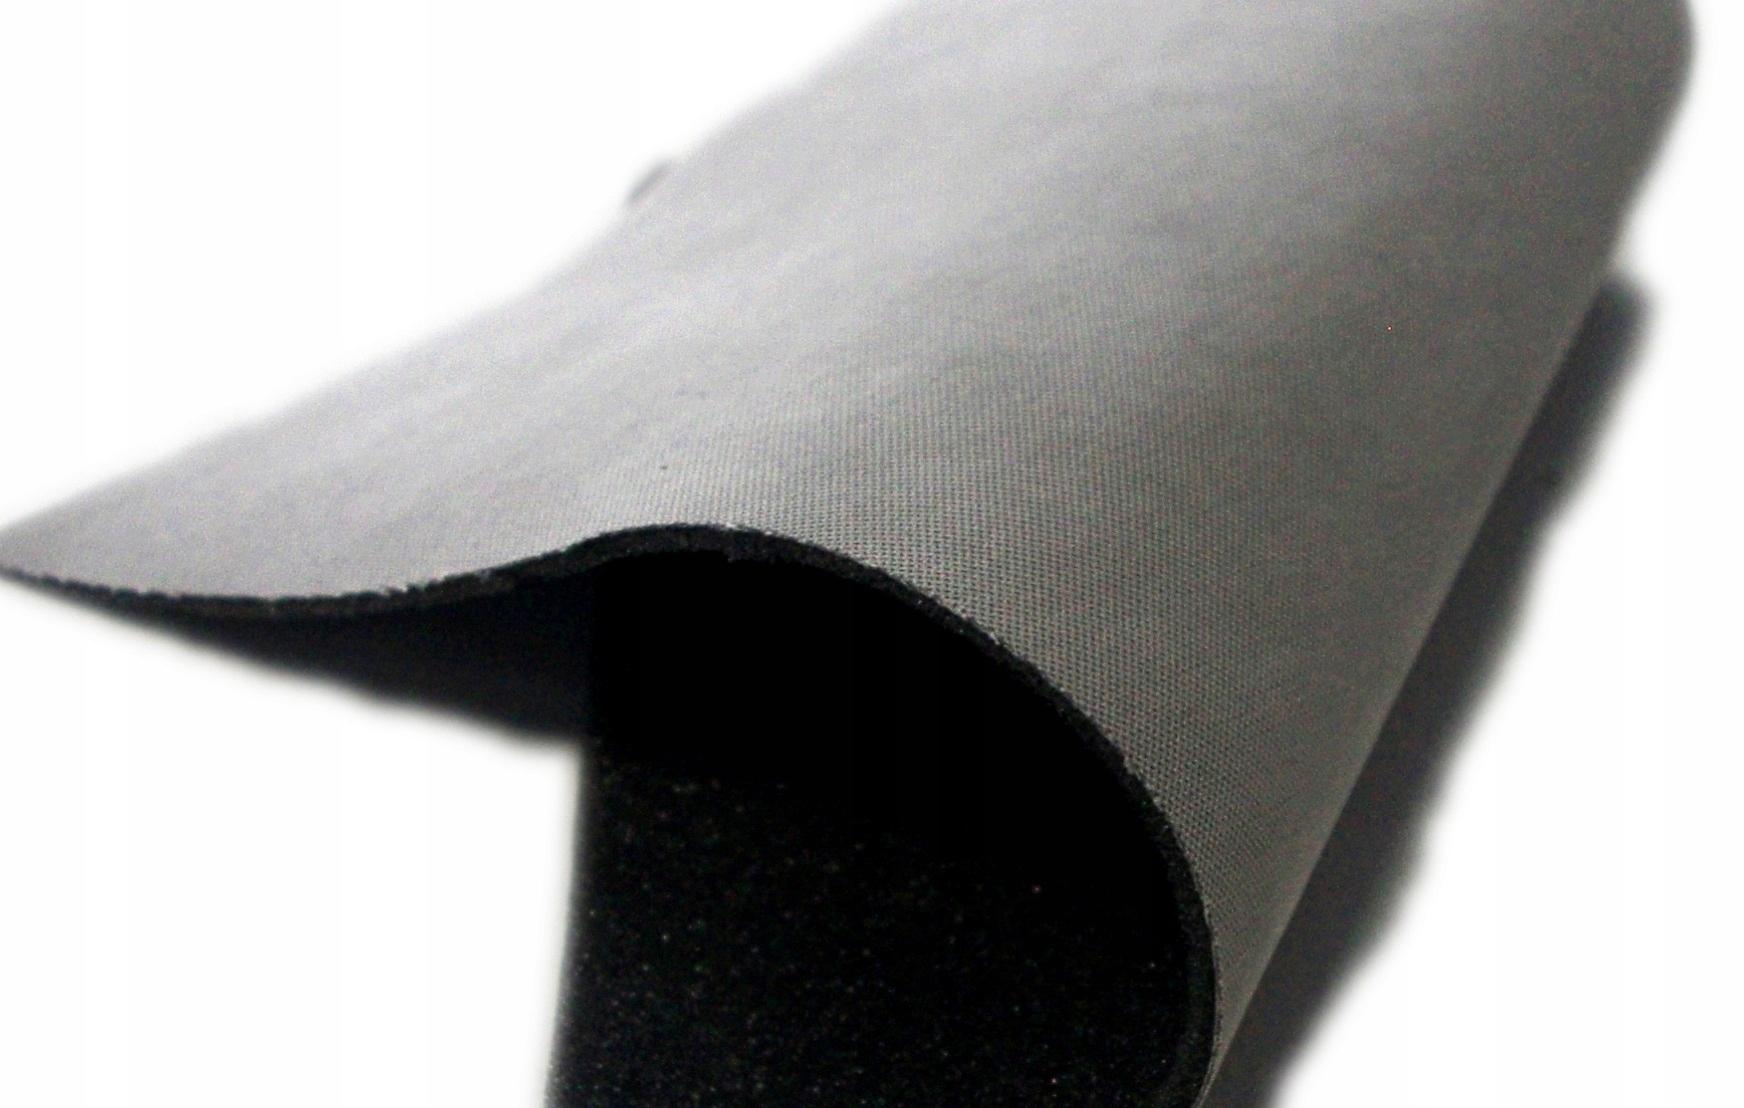 ткань автомобильная ламинированные пеной 4mm j серый